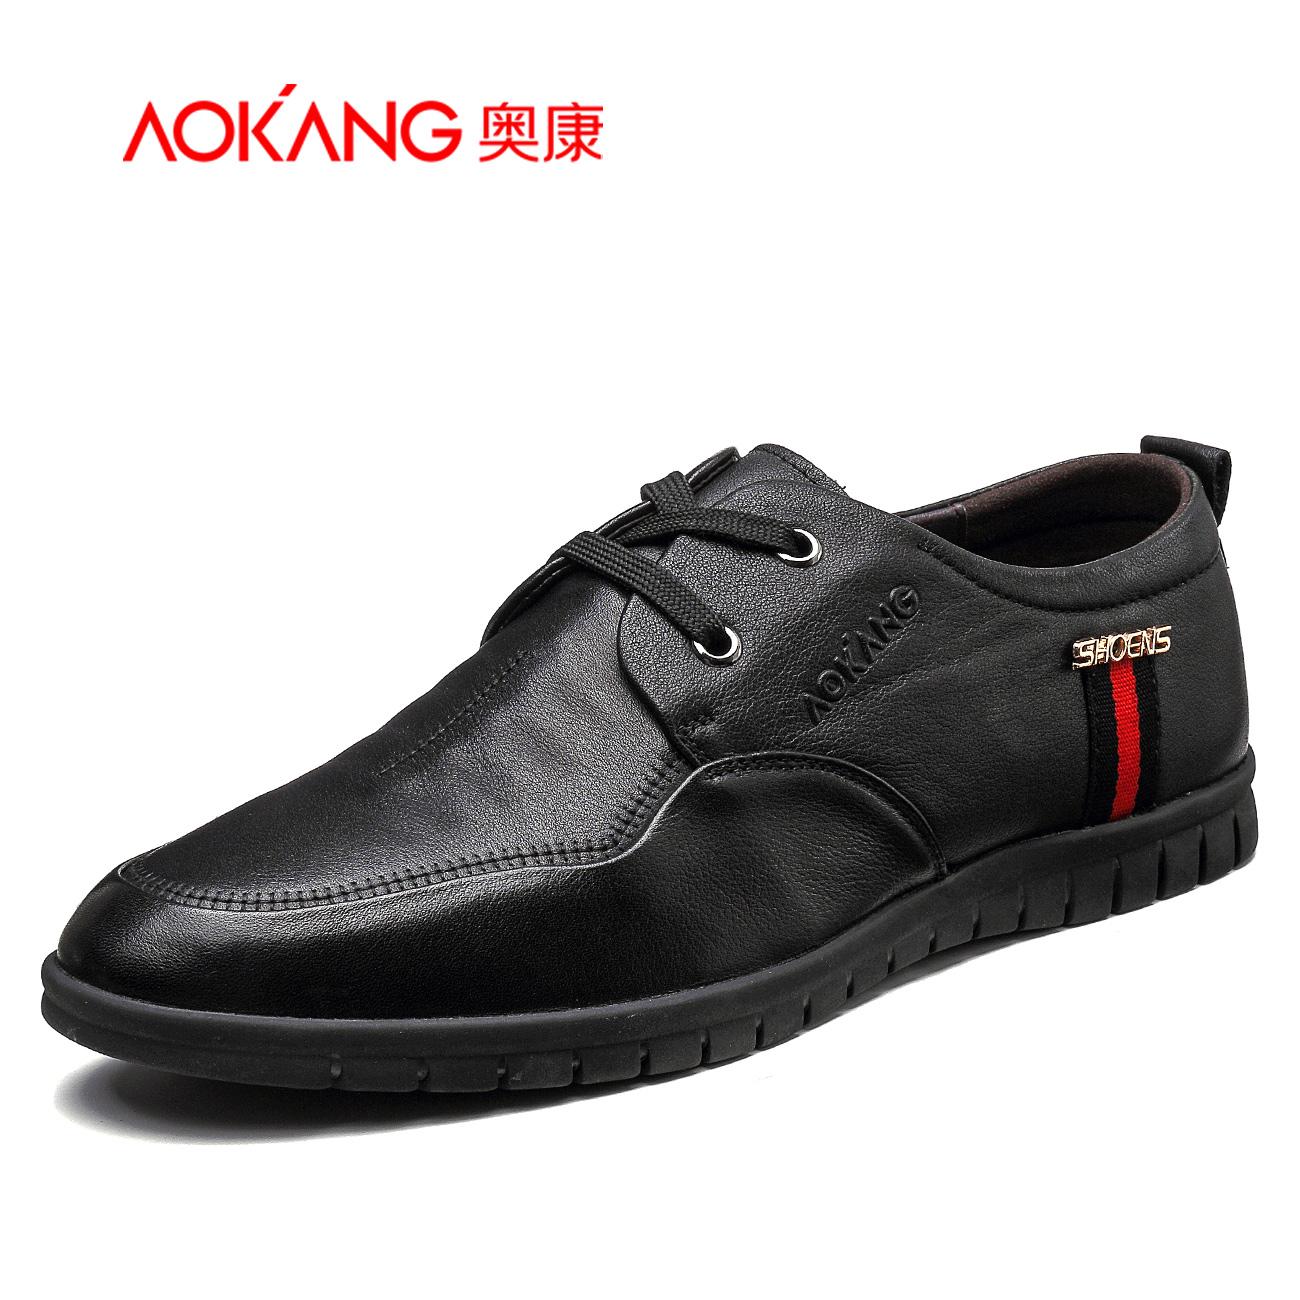 【門店發貨】奧康男鞋 新款真皮舒適商務休閒鞋韓版低幫161424051